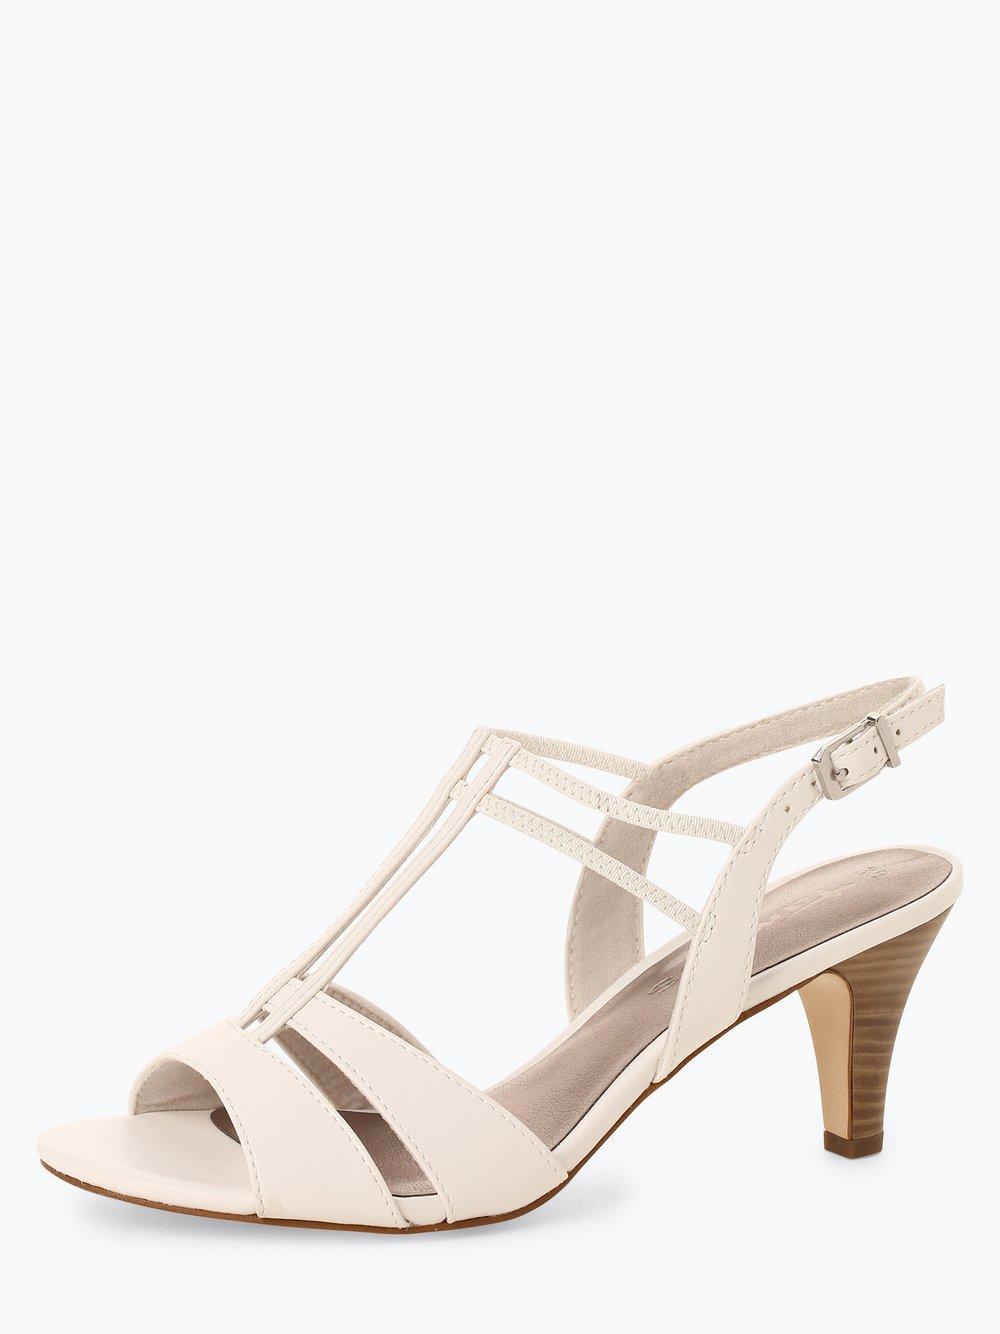 Tamaris Damen Sandaletten online kaufen | PEEK UND